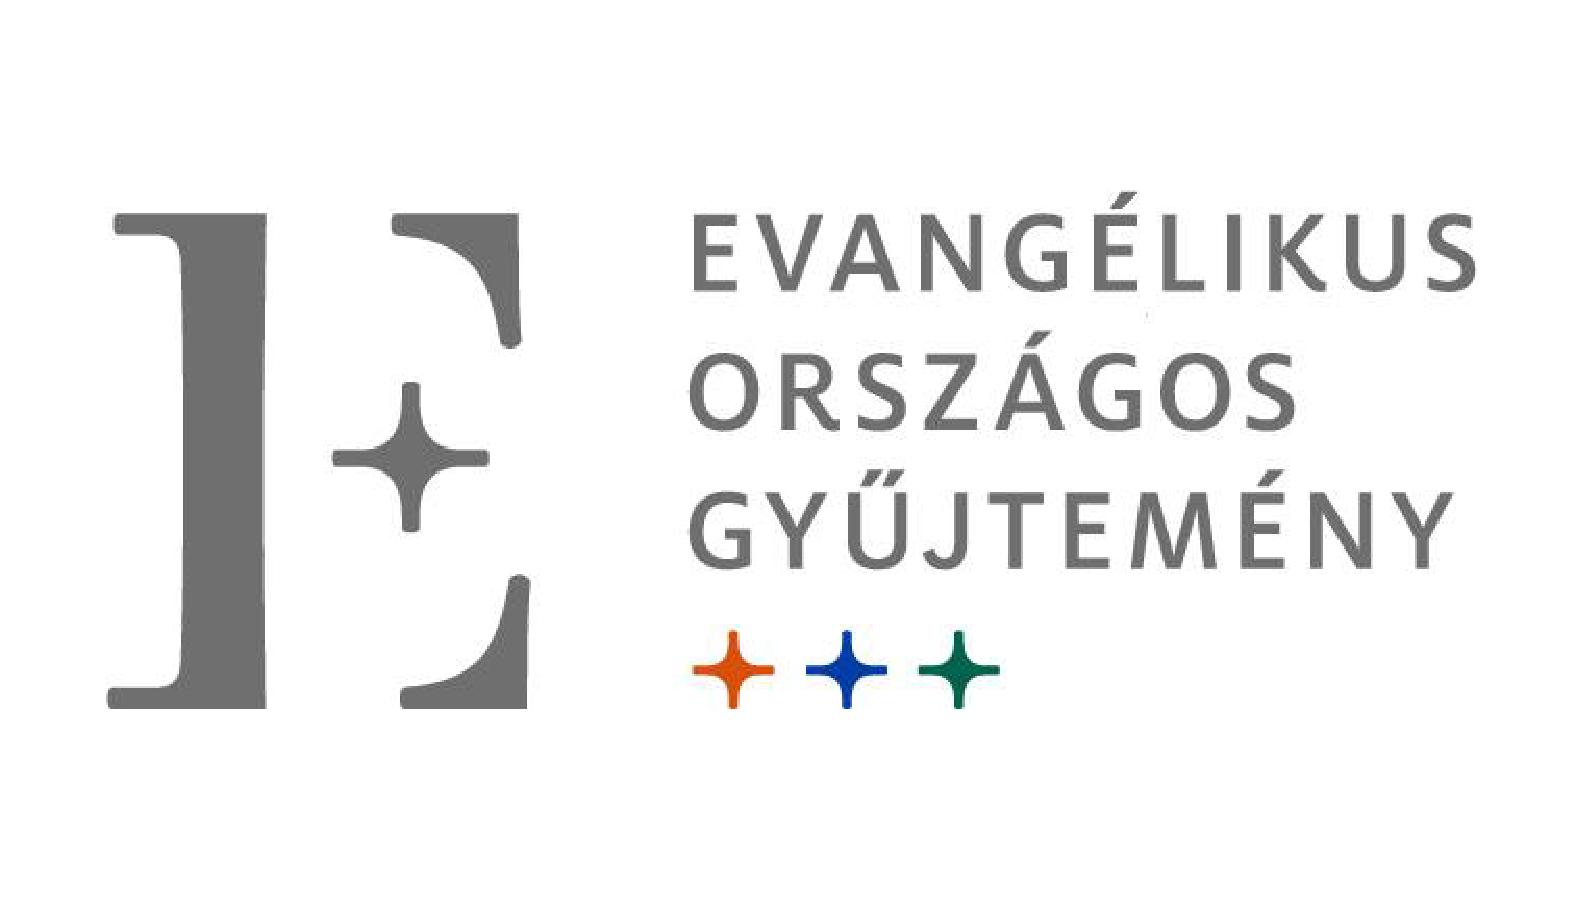 evangelikus_logo-01.png